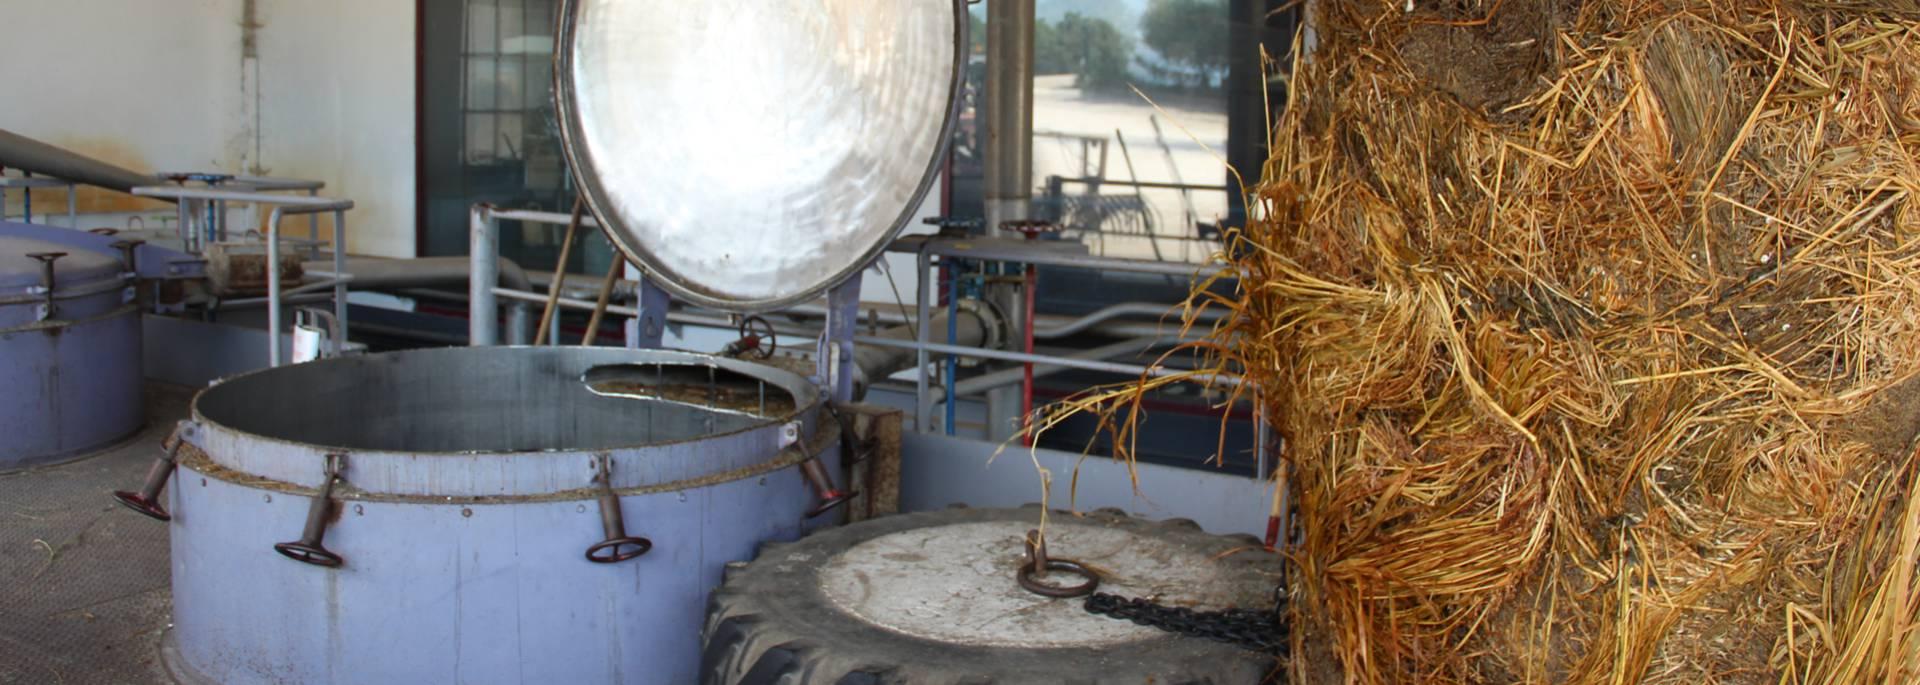 Distillerie de lavande